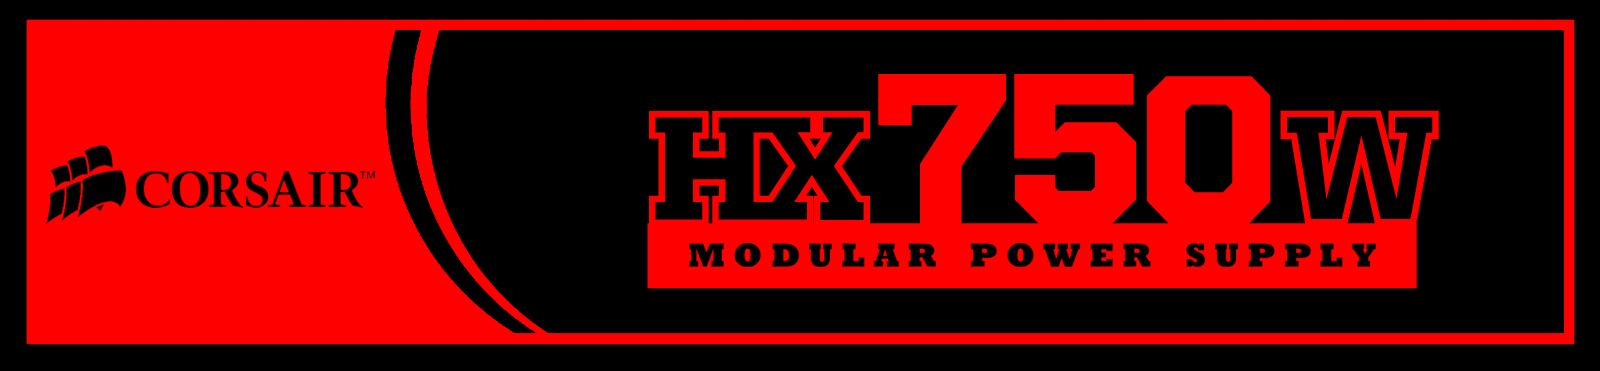 corsair_tx_750_psu_sticker_by_jammo2k5-d47c615.jpg